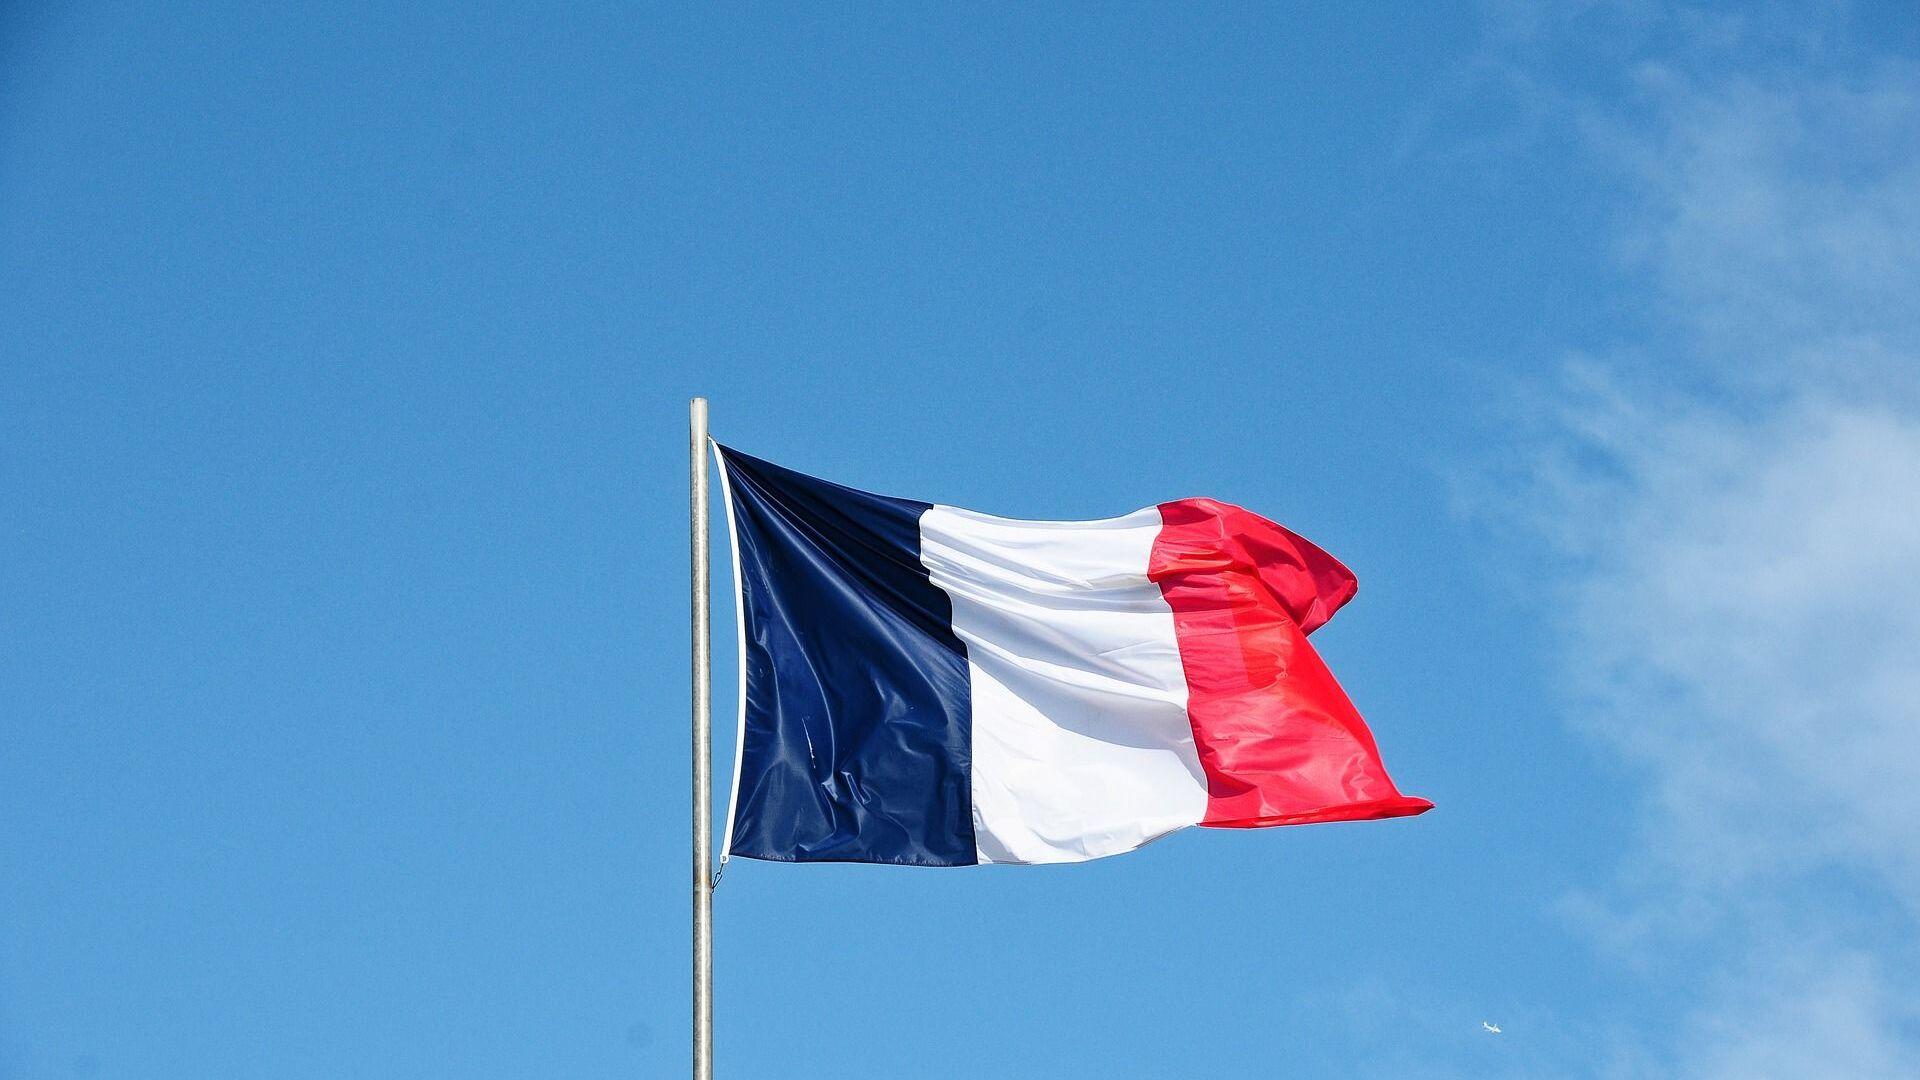 Le drapeau français  - Sputnik France, 1920, 21.09.2021